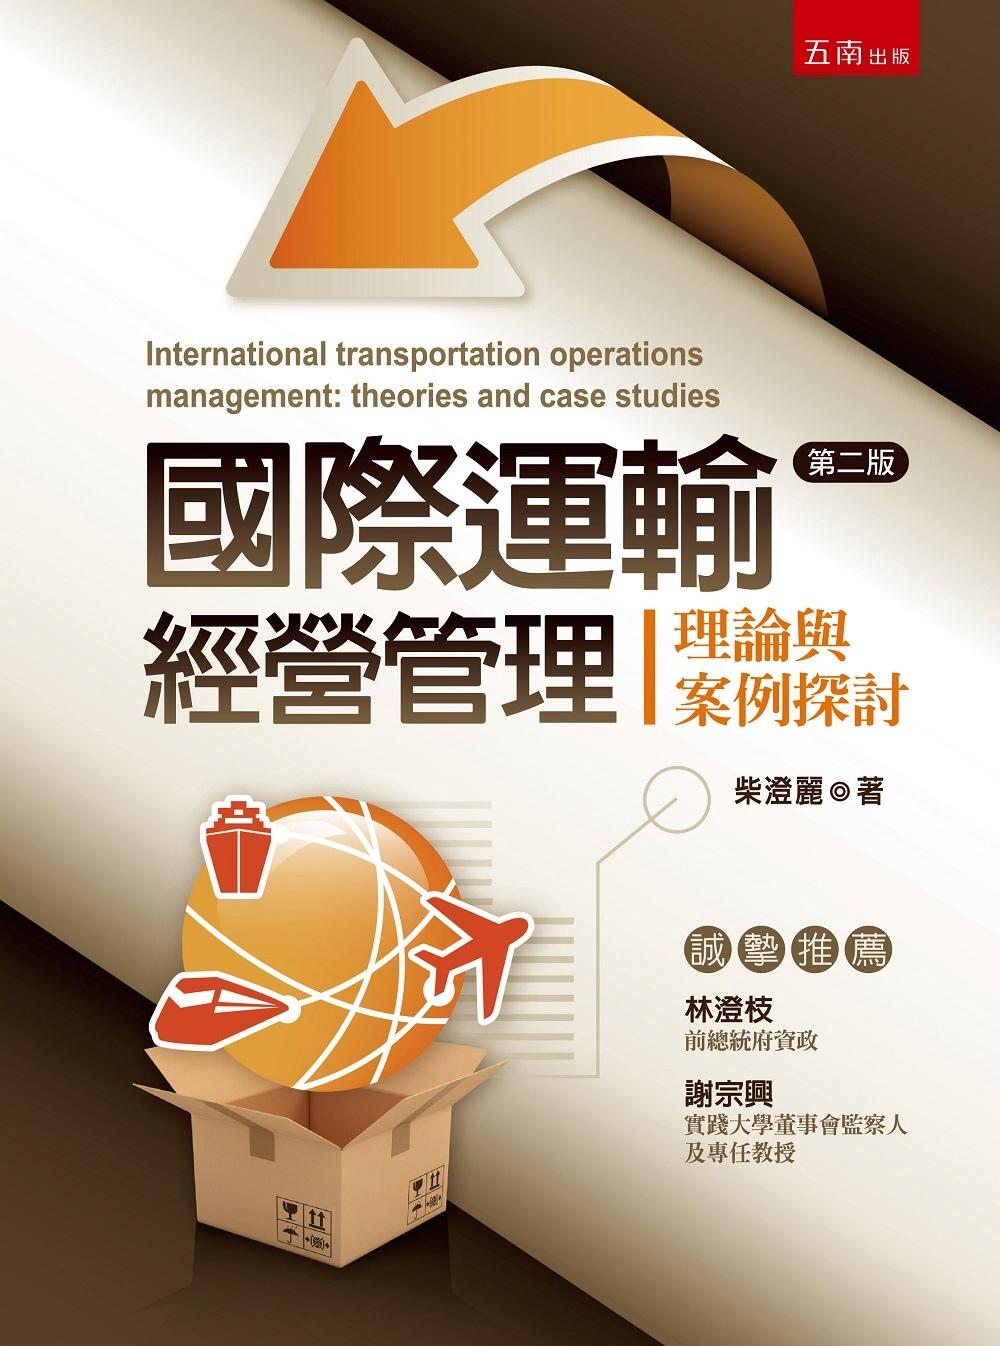 國際運輸經營管理:理論與案例探討(2版)